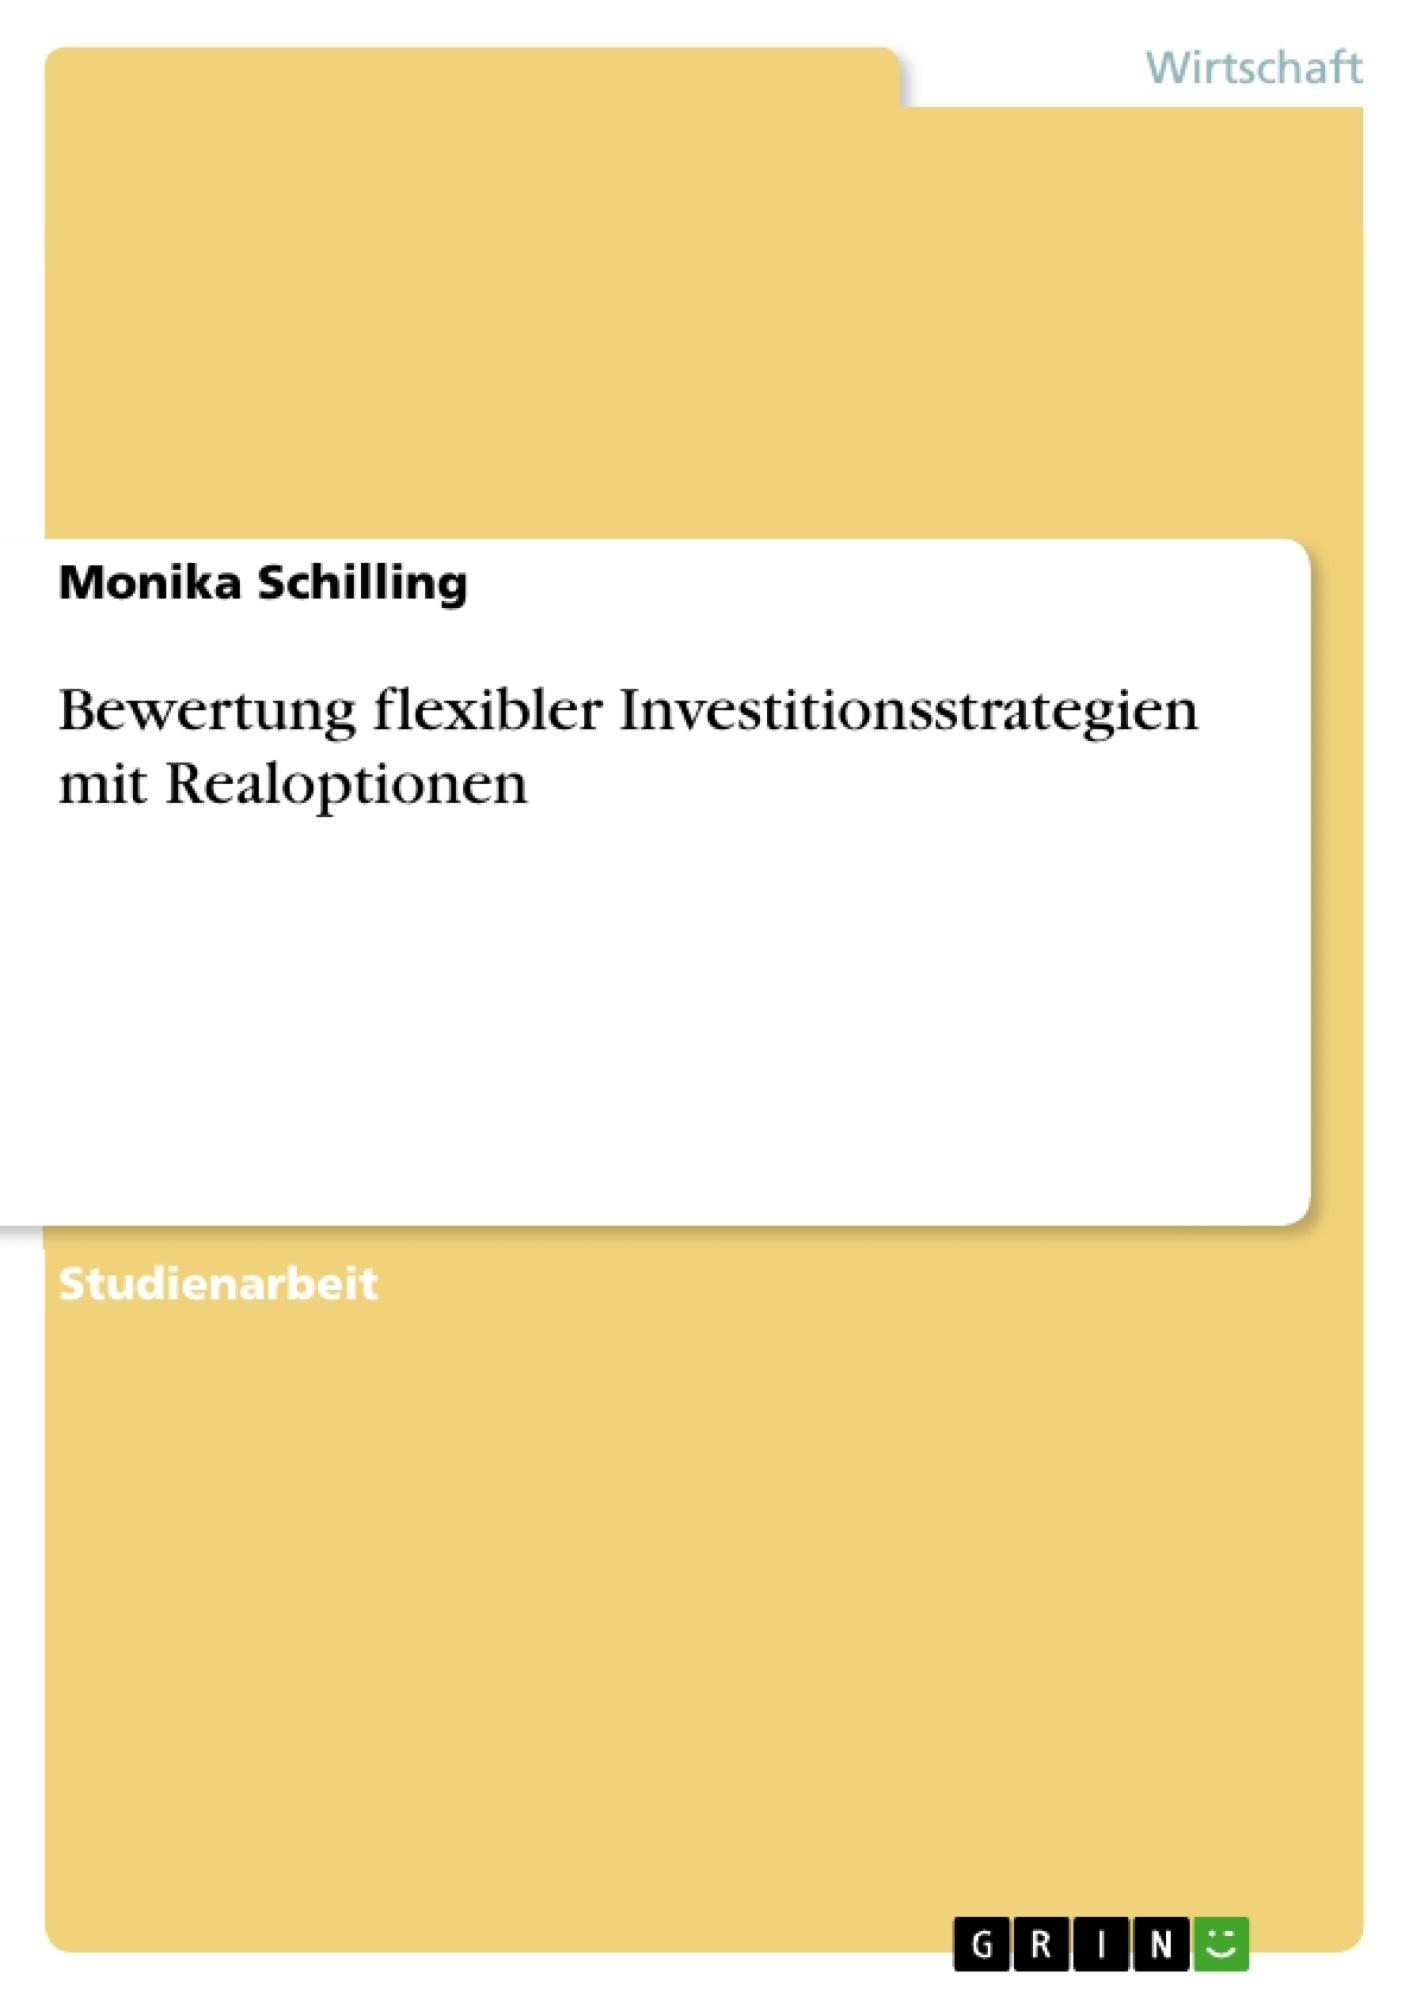 Titel: Bewertung flexibler Investitionsstrategien mit Realoptionen